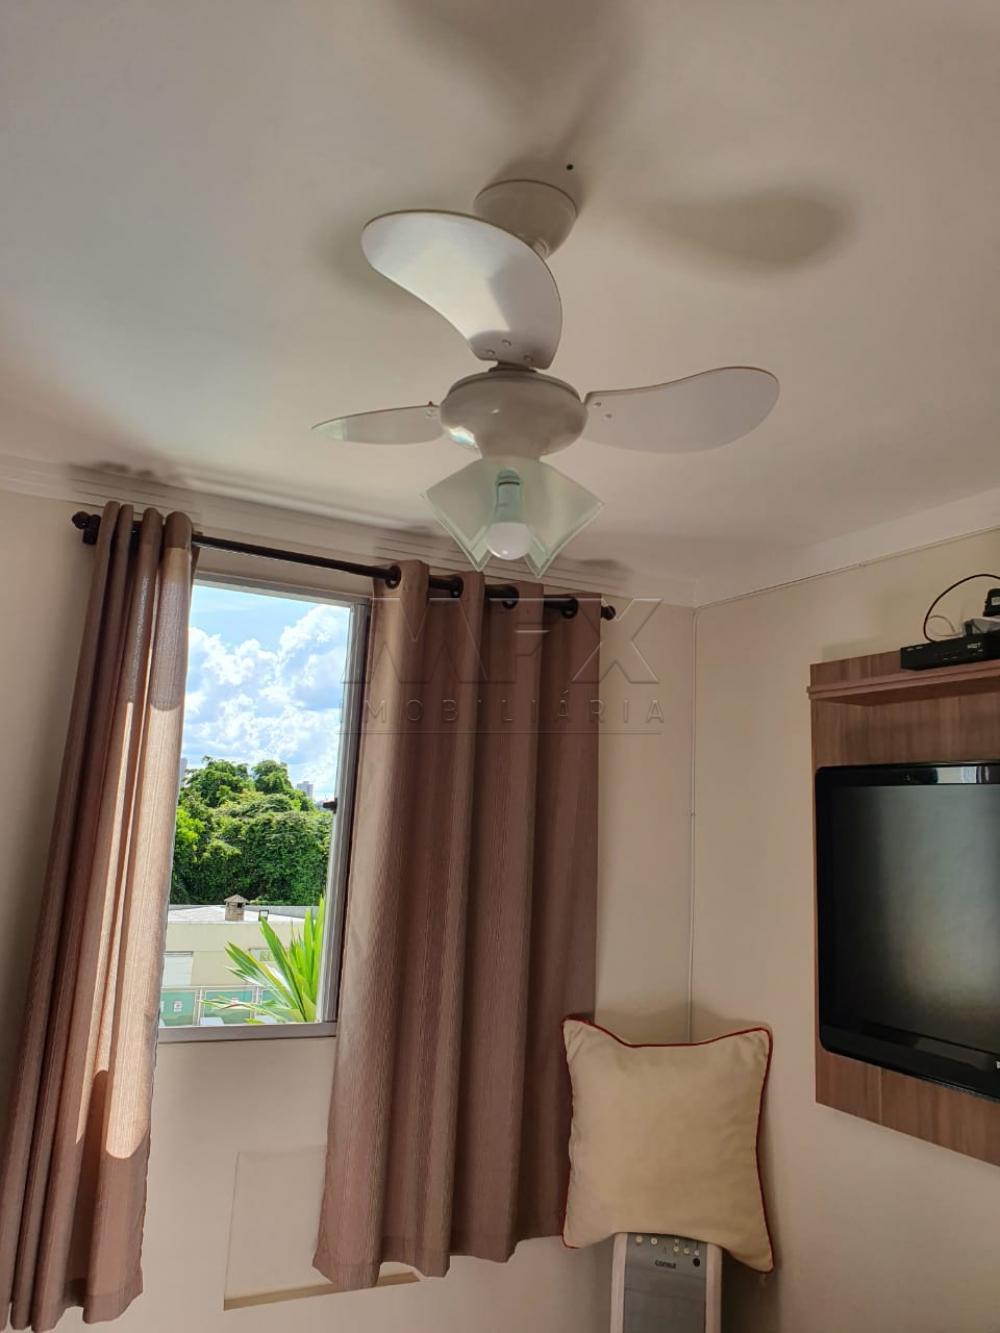 Alugar Apartamento / Padrão em Bauru R$ 900,00 - Foto 3